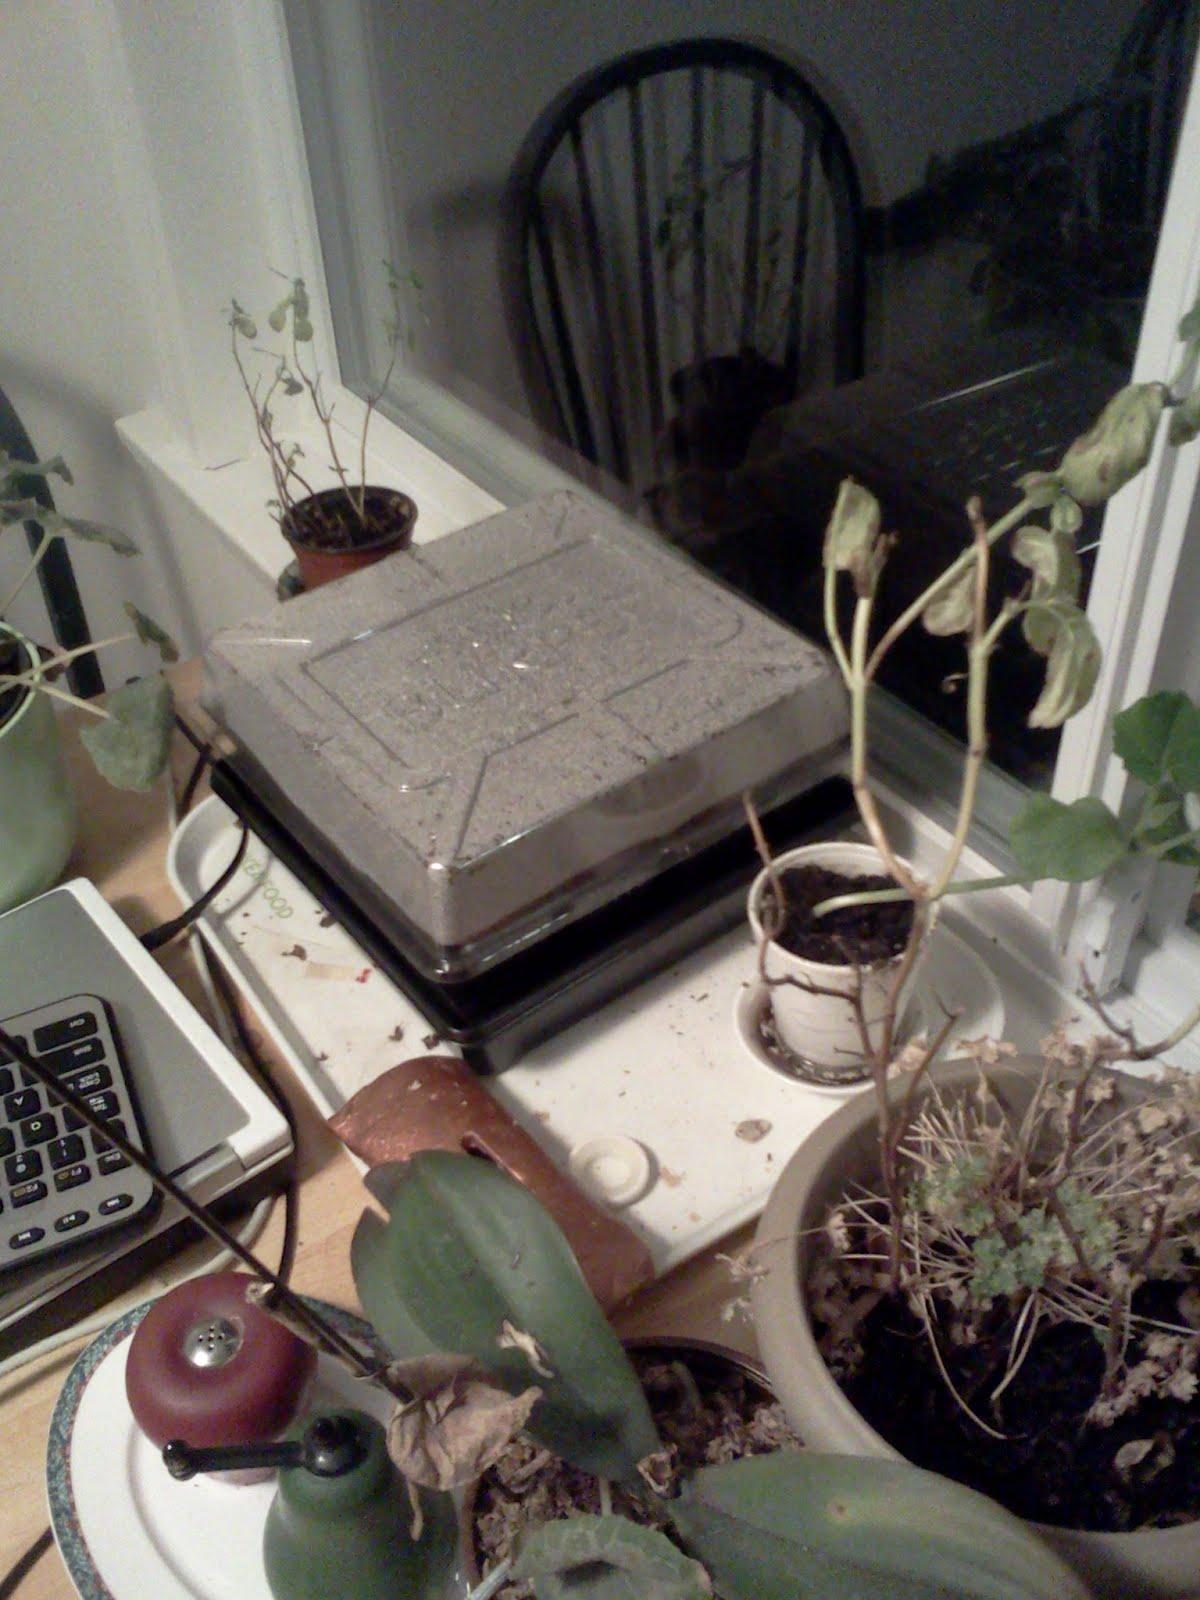 IMG1318 - seeds sown - burpee thing.jpg